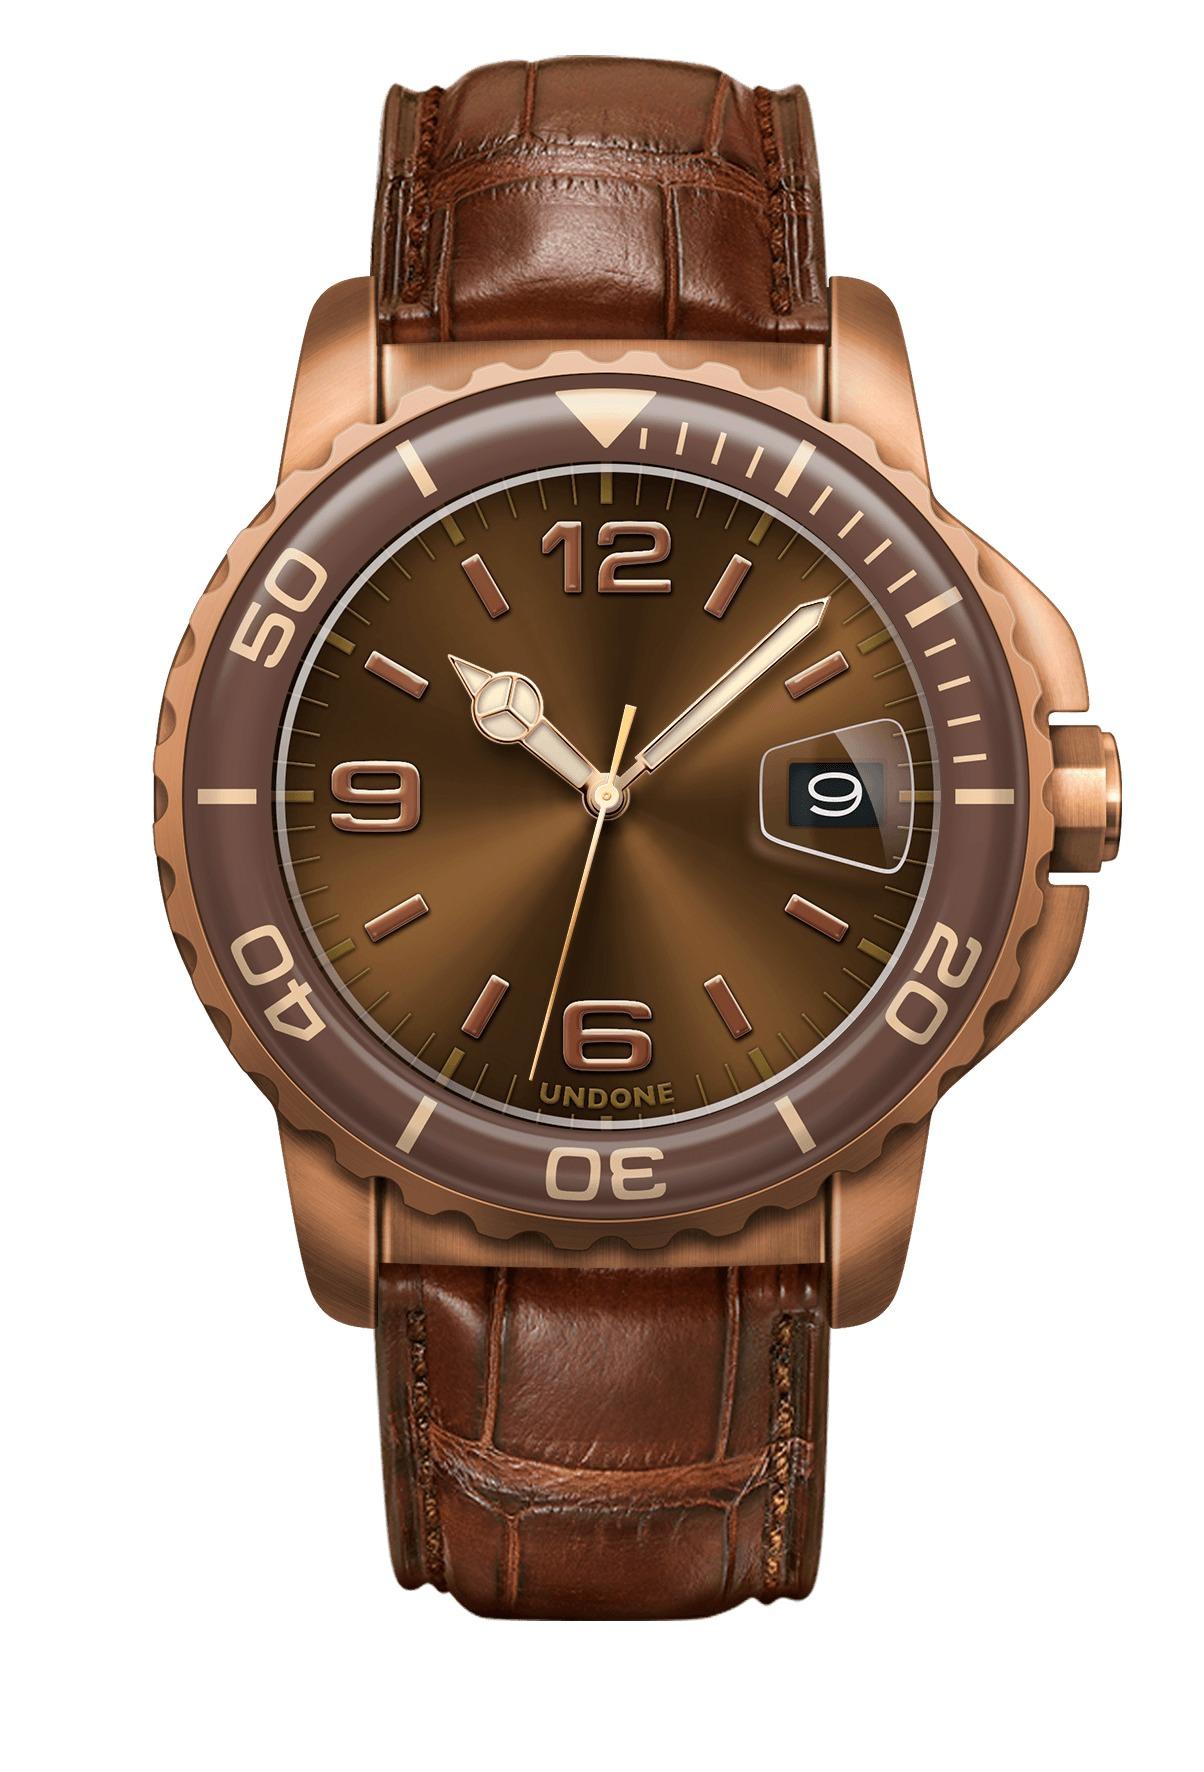 undone rose gold watch